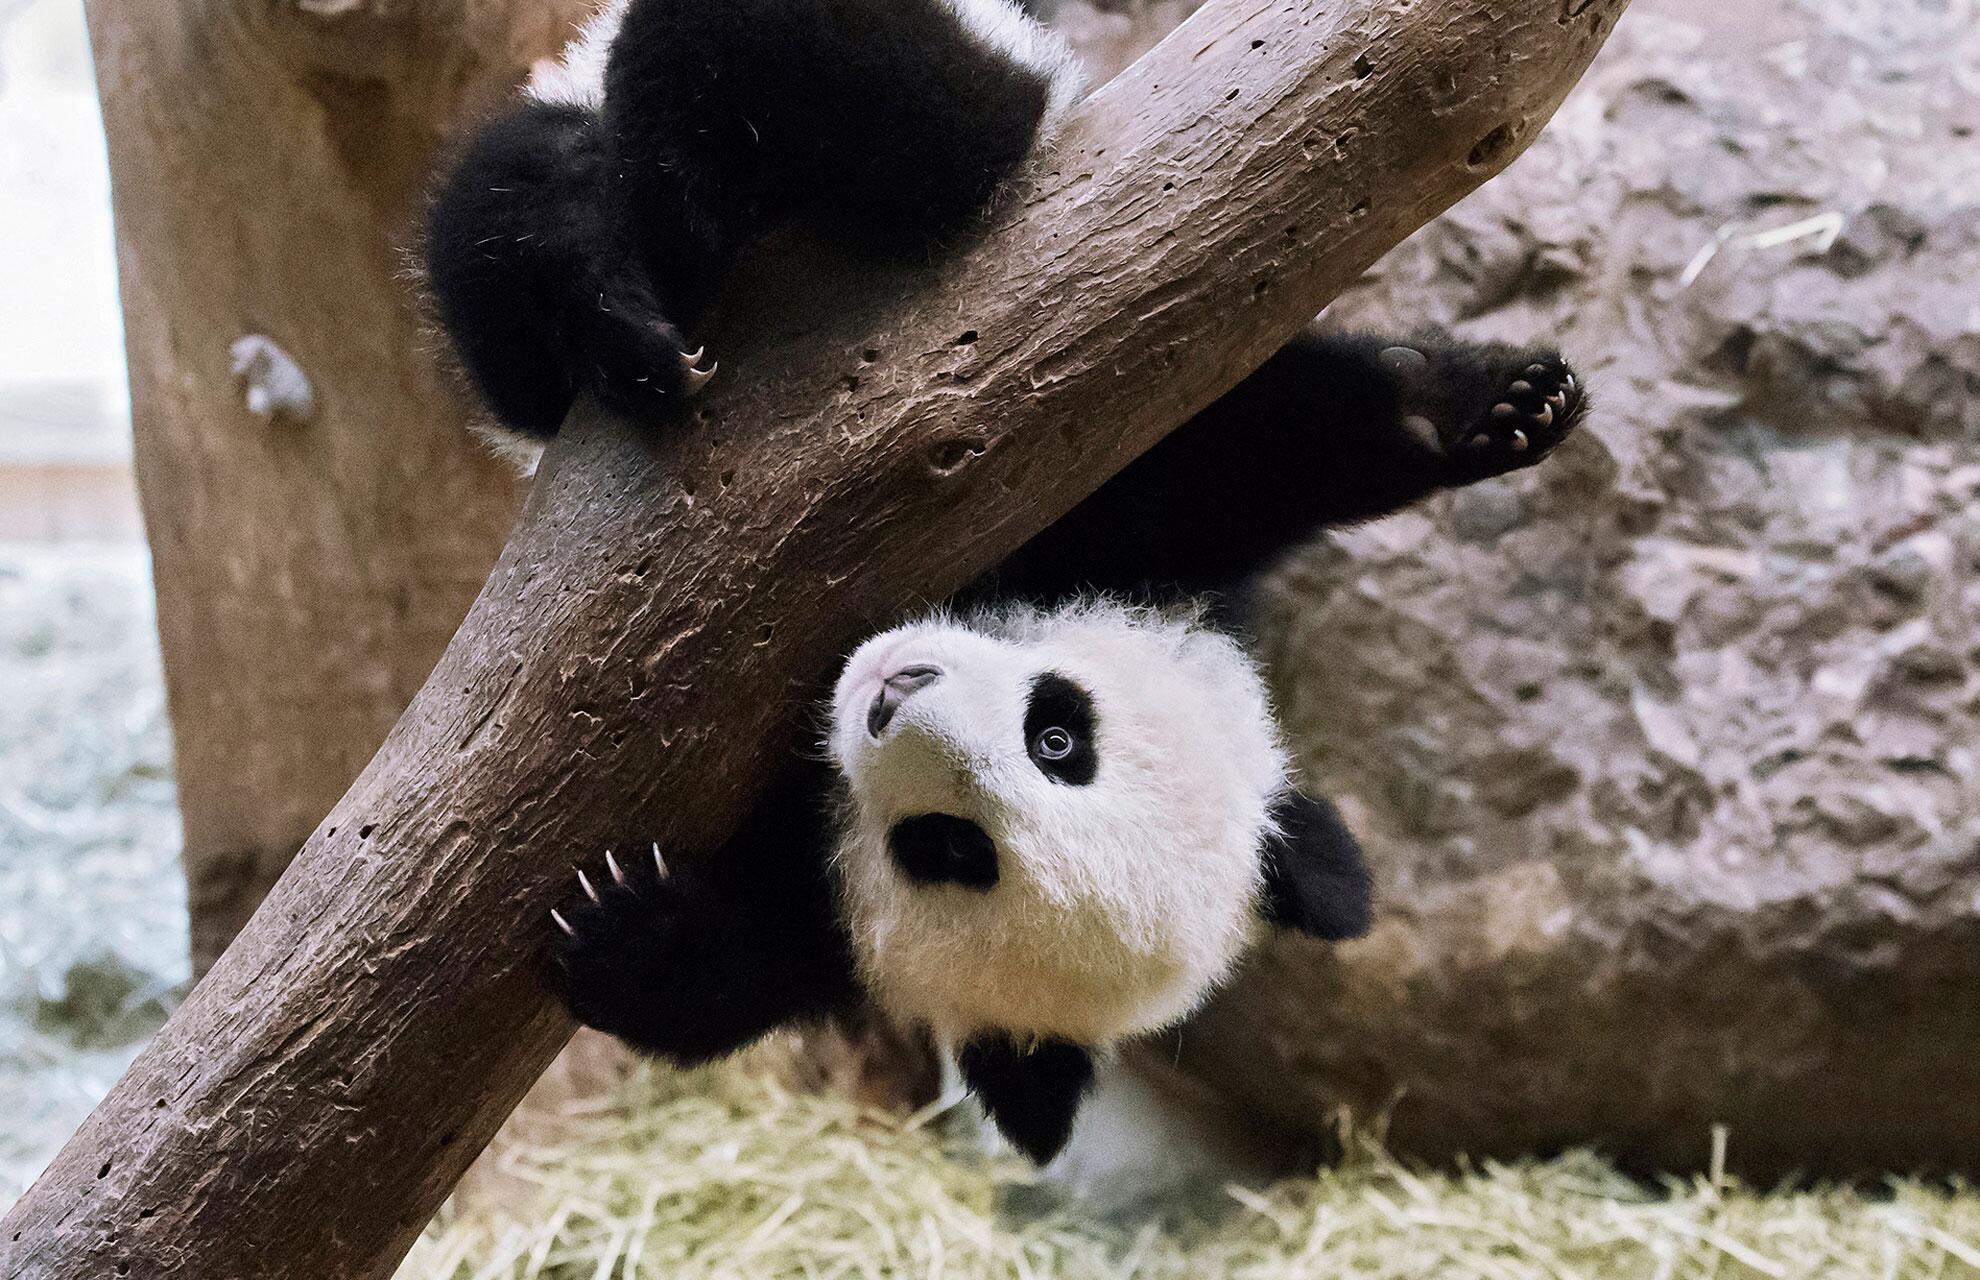 Bild zu Pandas, Tiergarten Schönbrunn, Daniel Zupanc